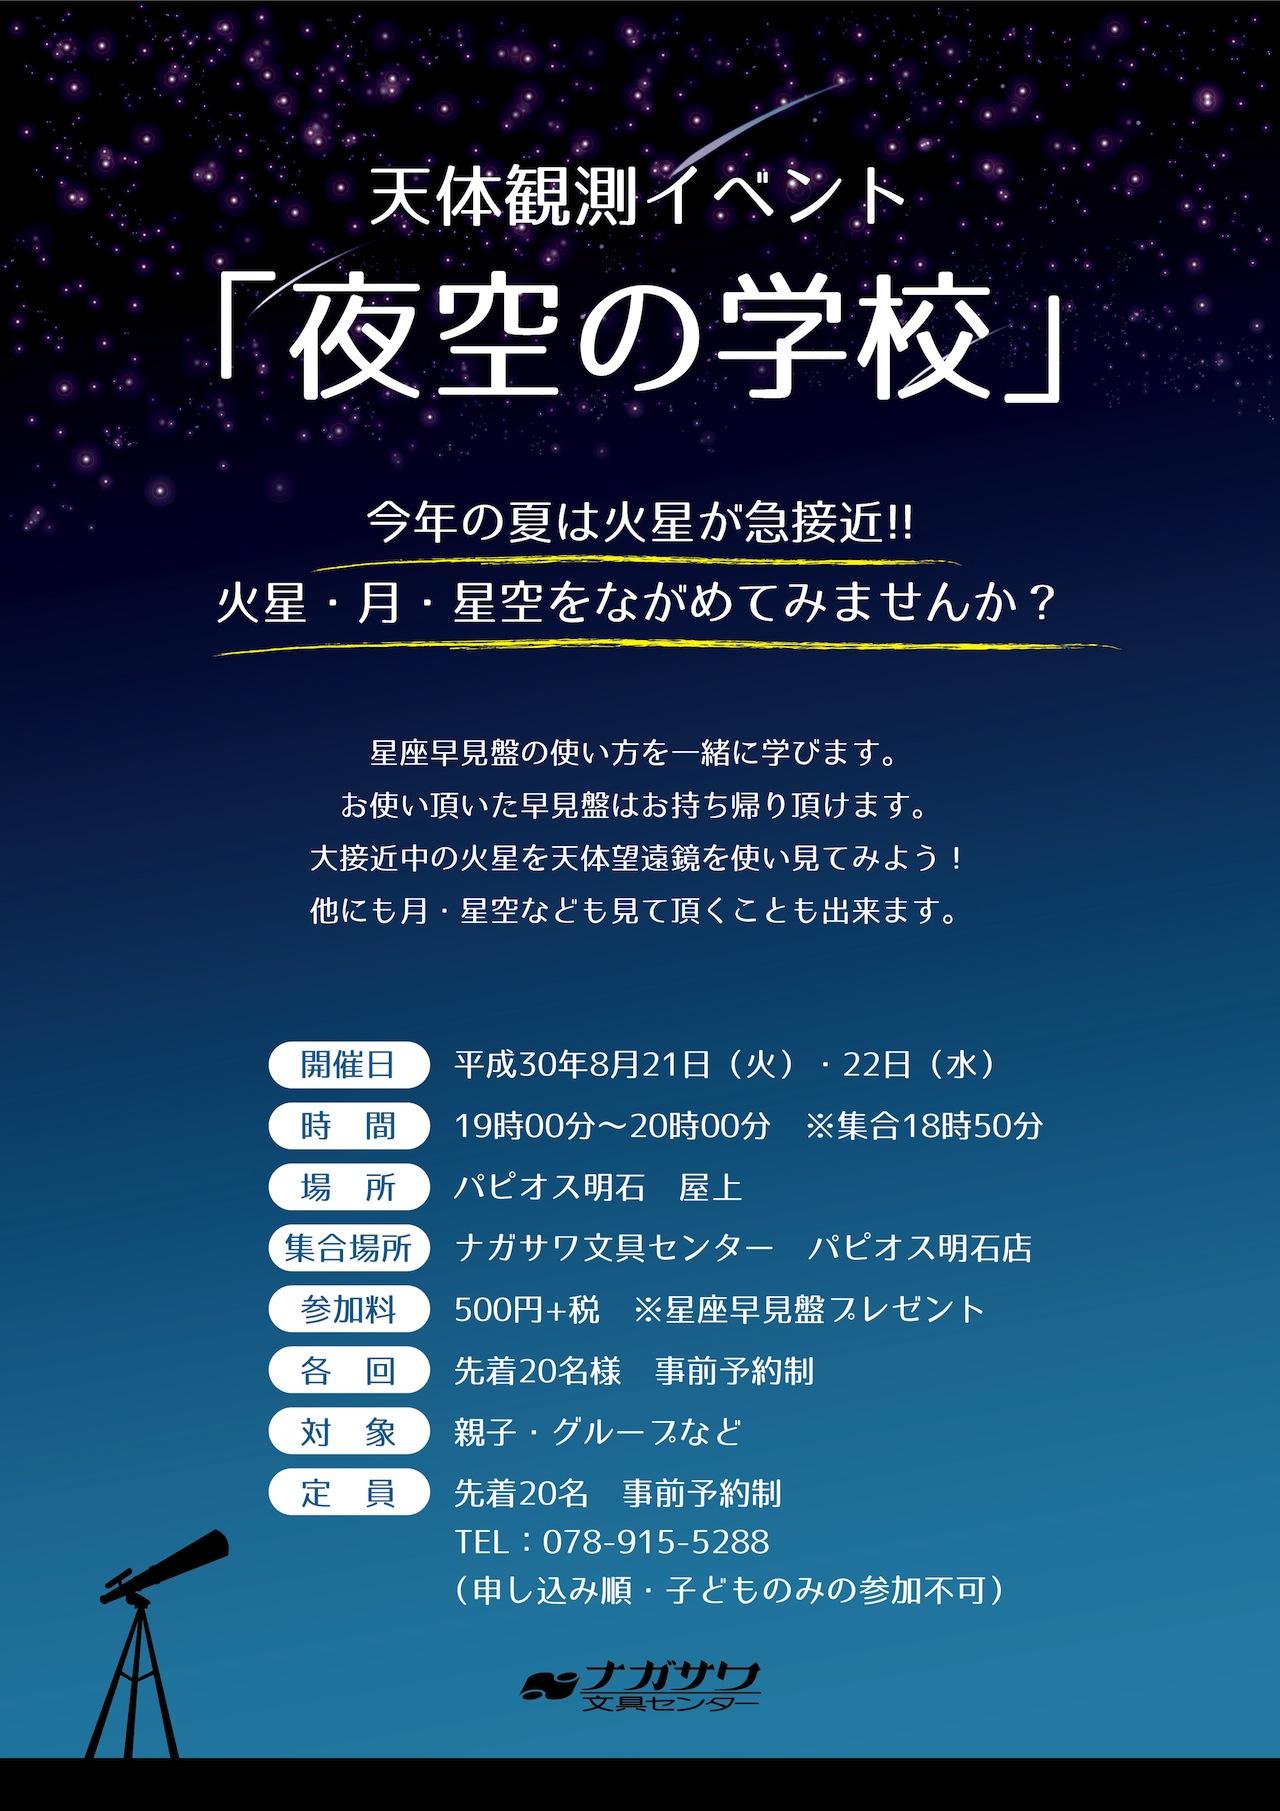 【パピオス明石店】天体望遠鏡で夏の星空を観測しませんか?